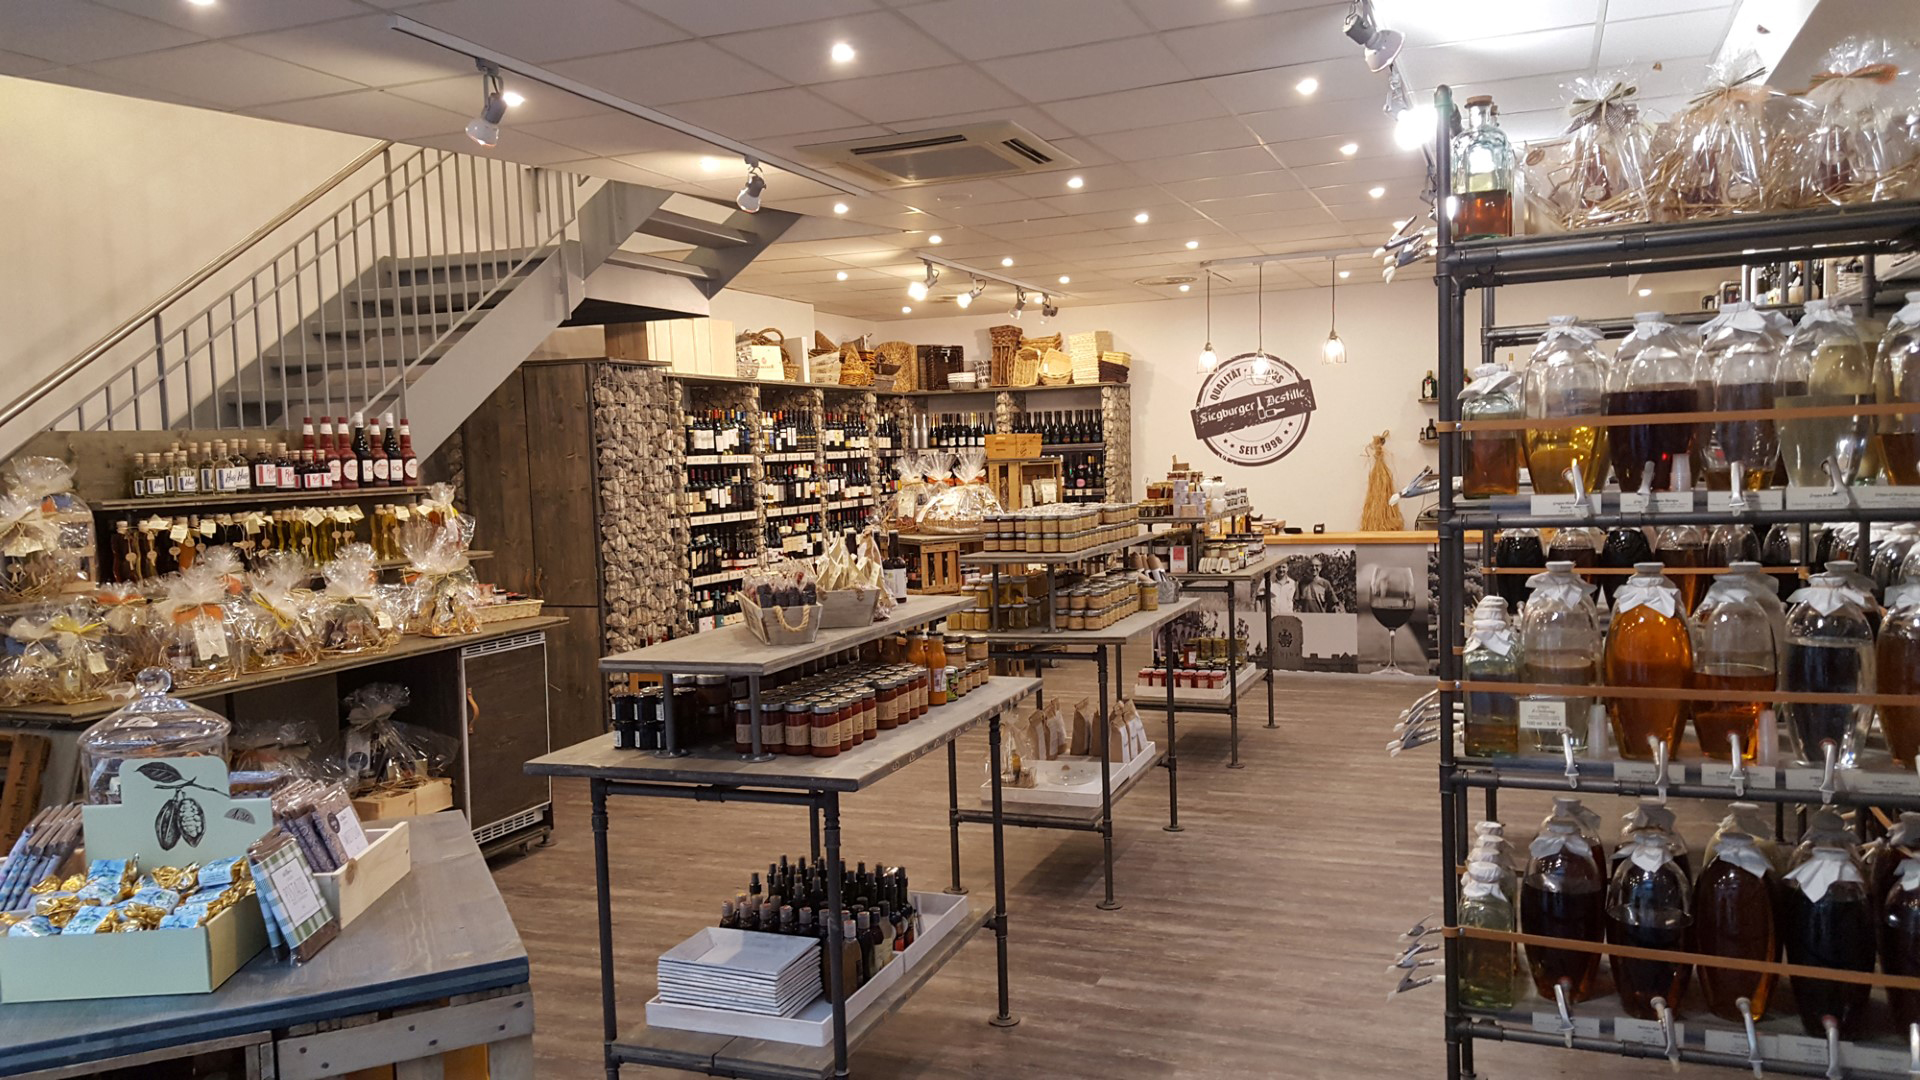 Das Bild zeigt den Verkaufsraum der Siegburger Destille